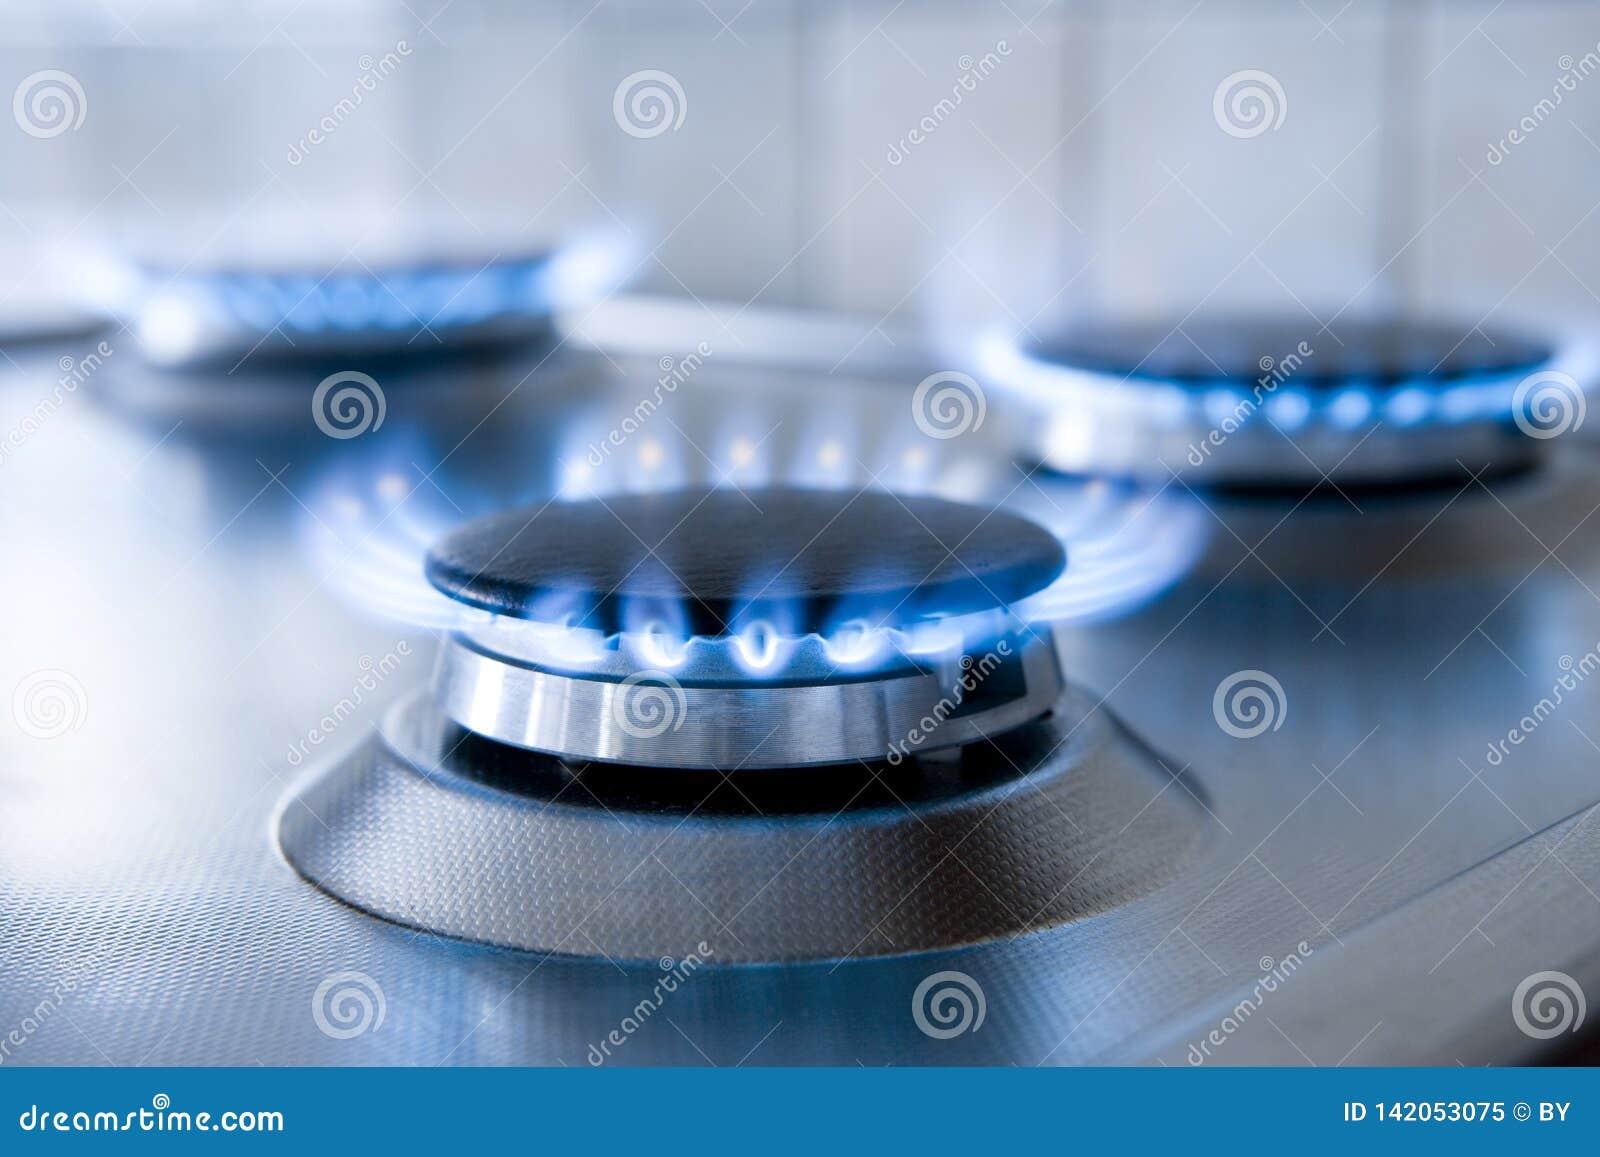 Abbildung der Gasflamme in der Schwärzung